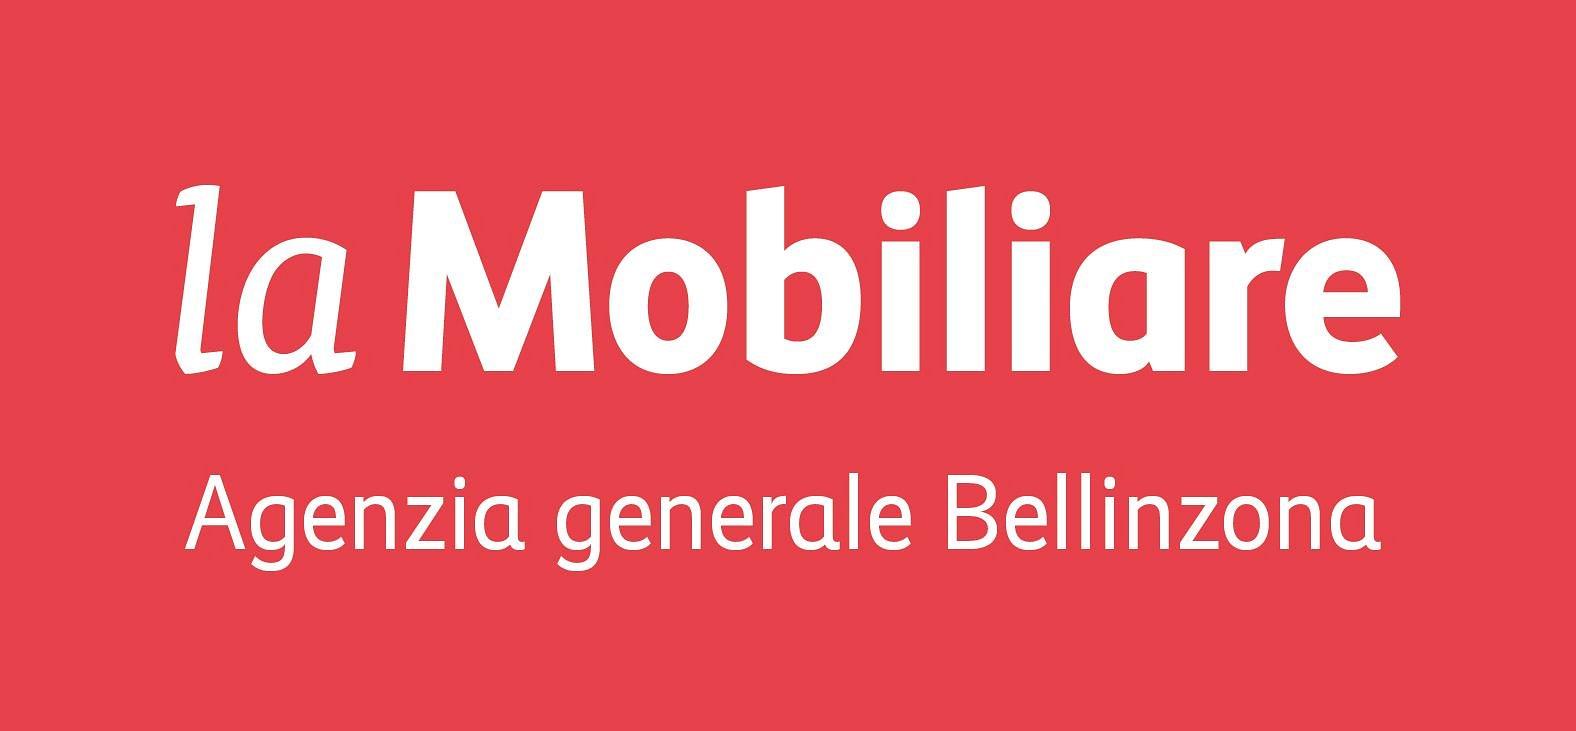 La Mobiliare, Agenzia generale Bellinzona